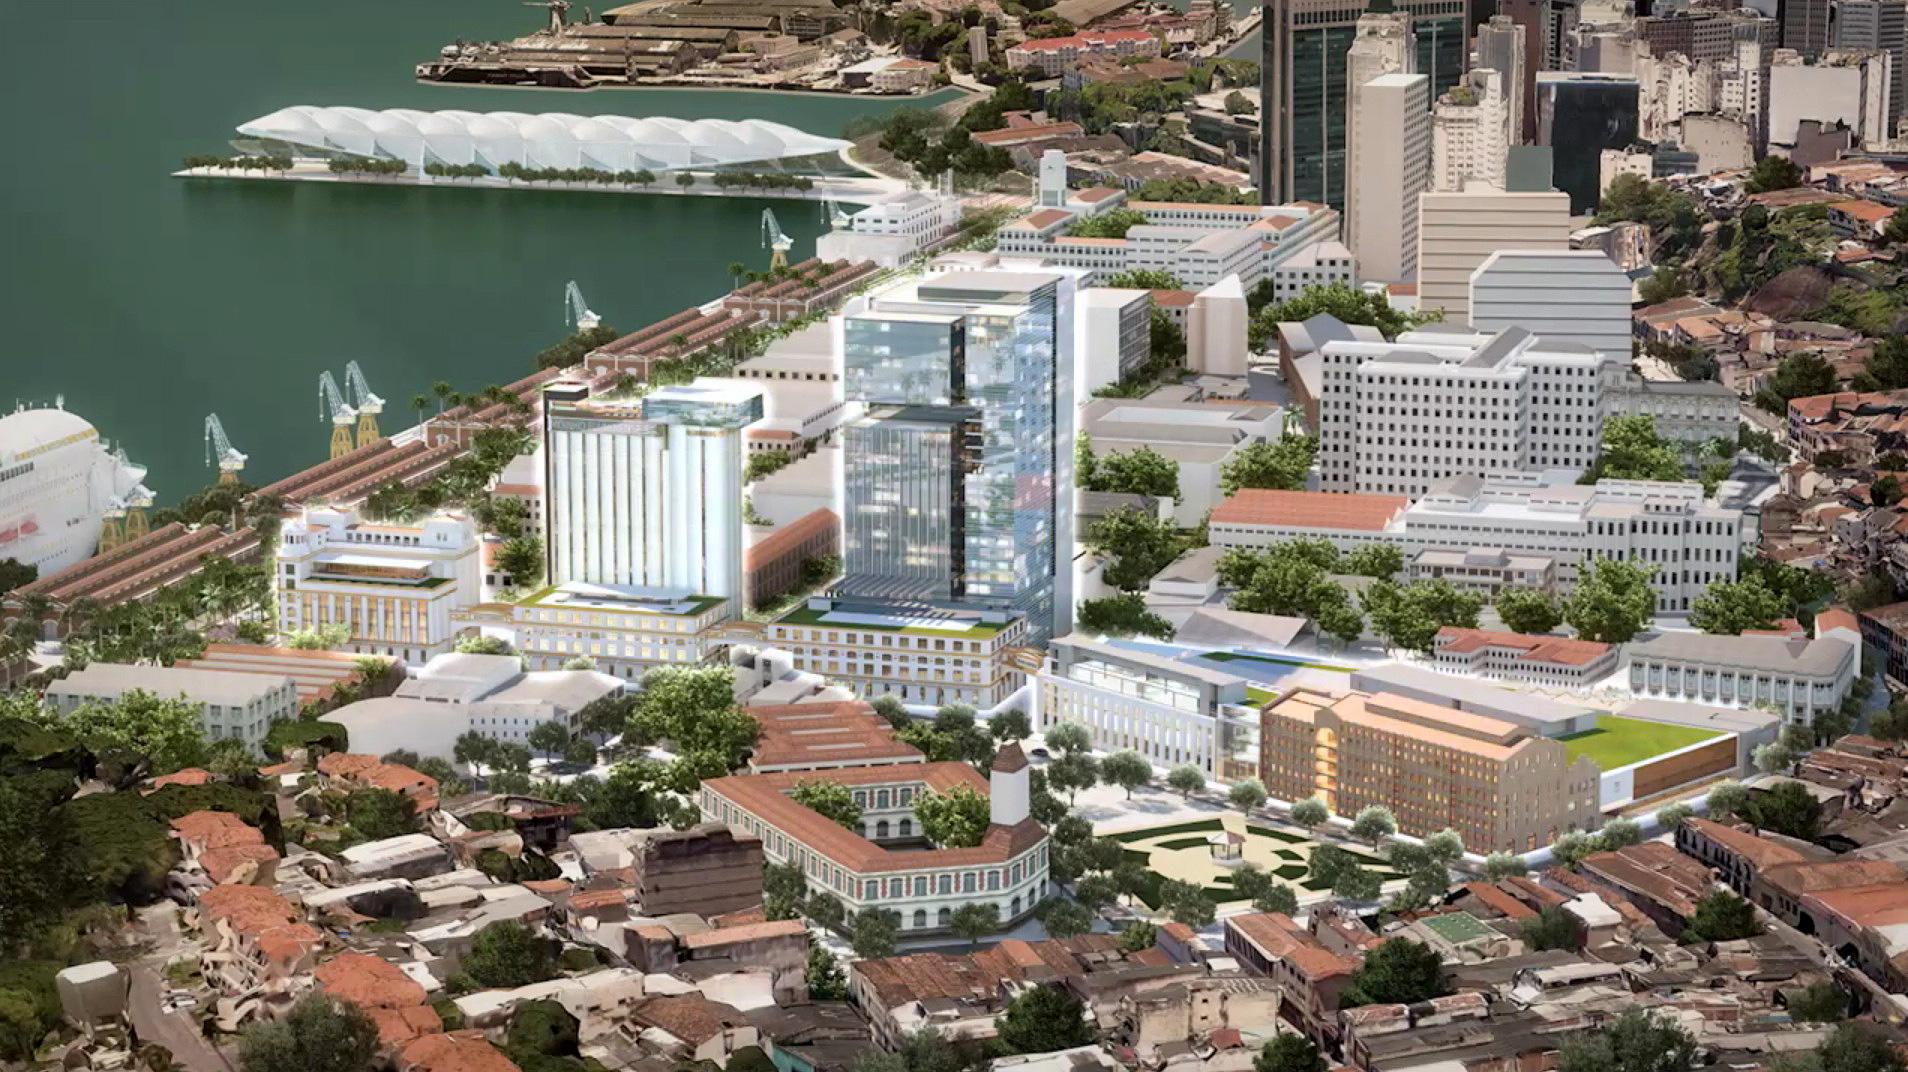 Projeção mostra silo do Moinho Fluminense, que seria transformado em hotel, mas não saiu do papel